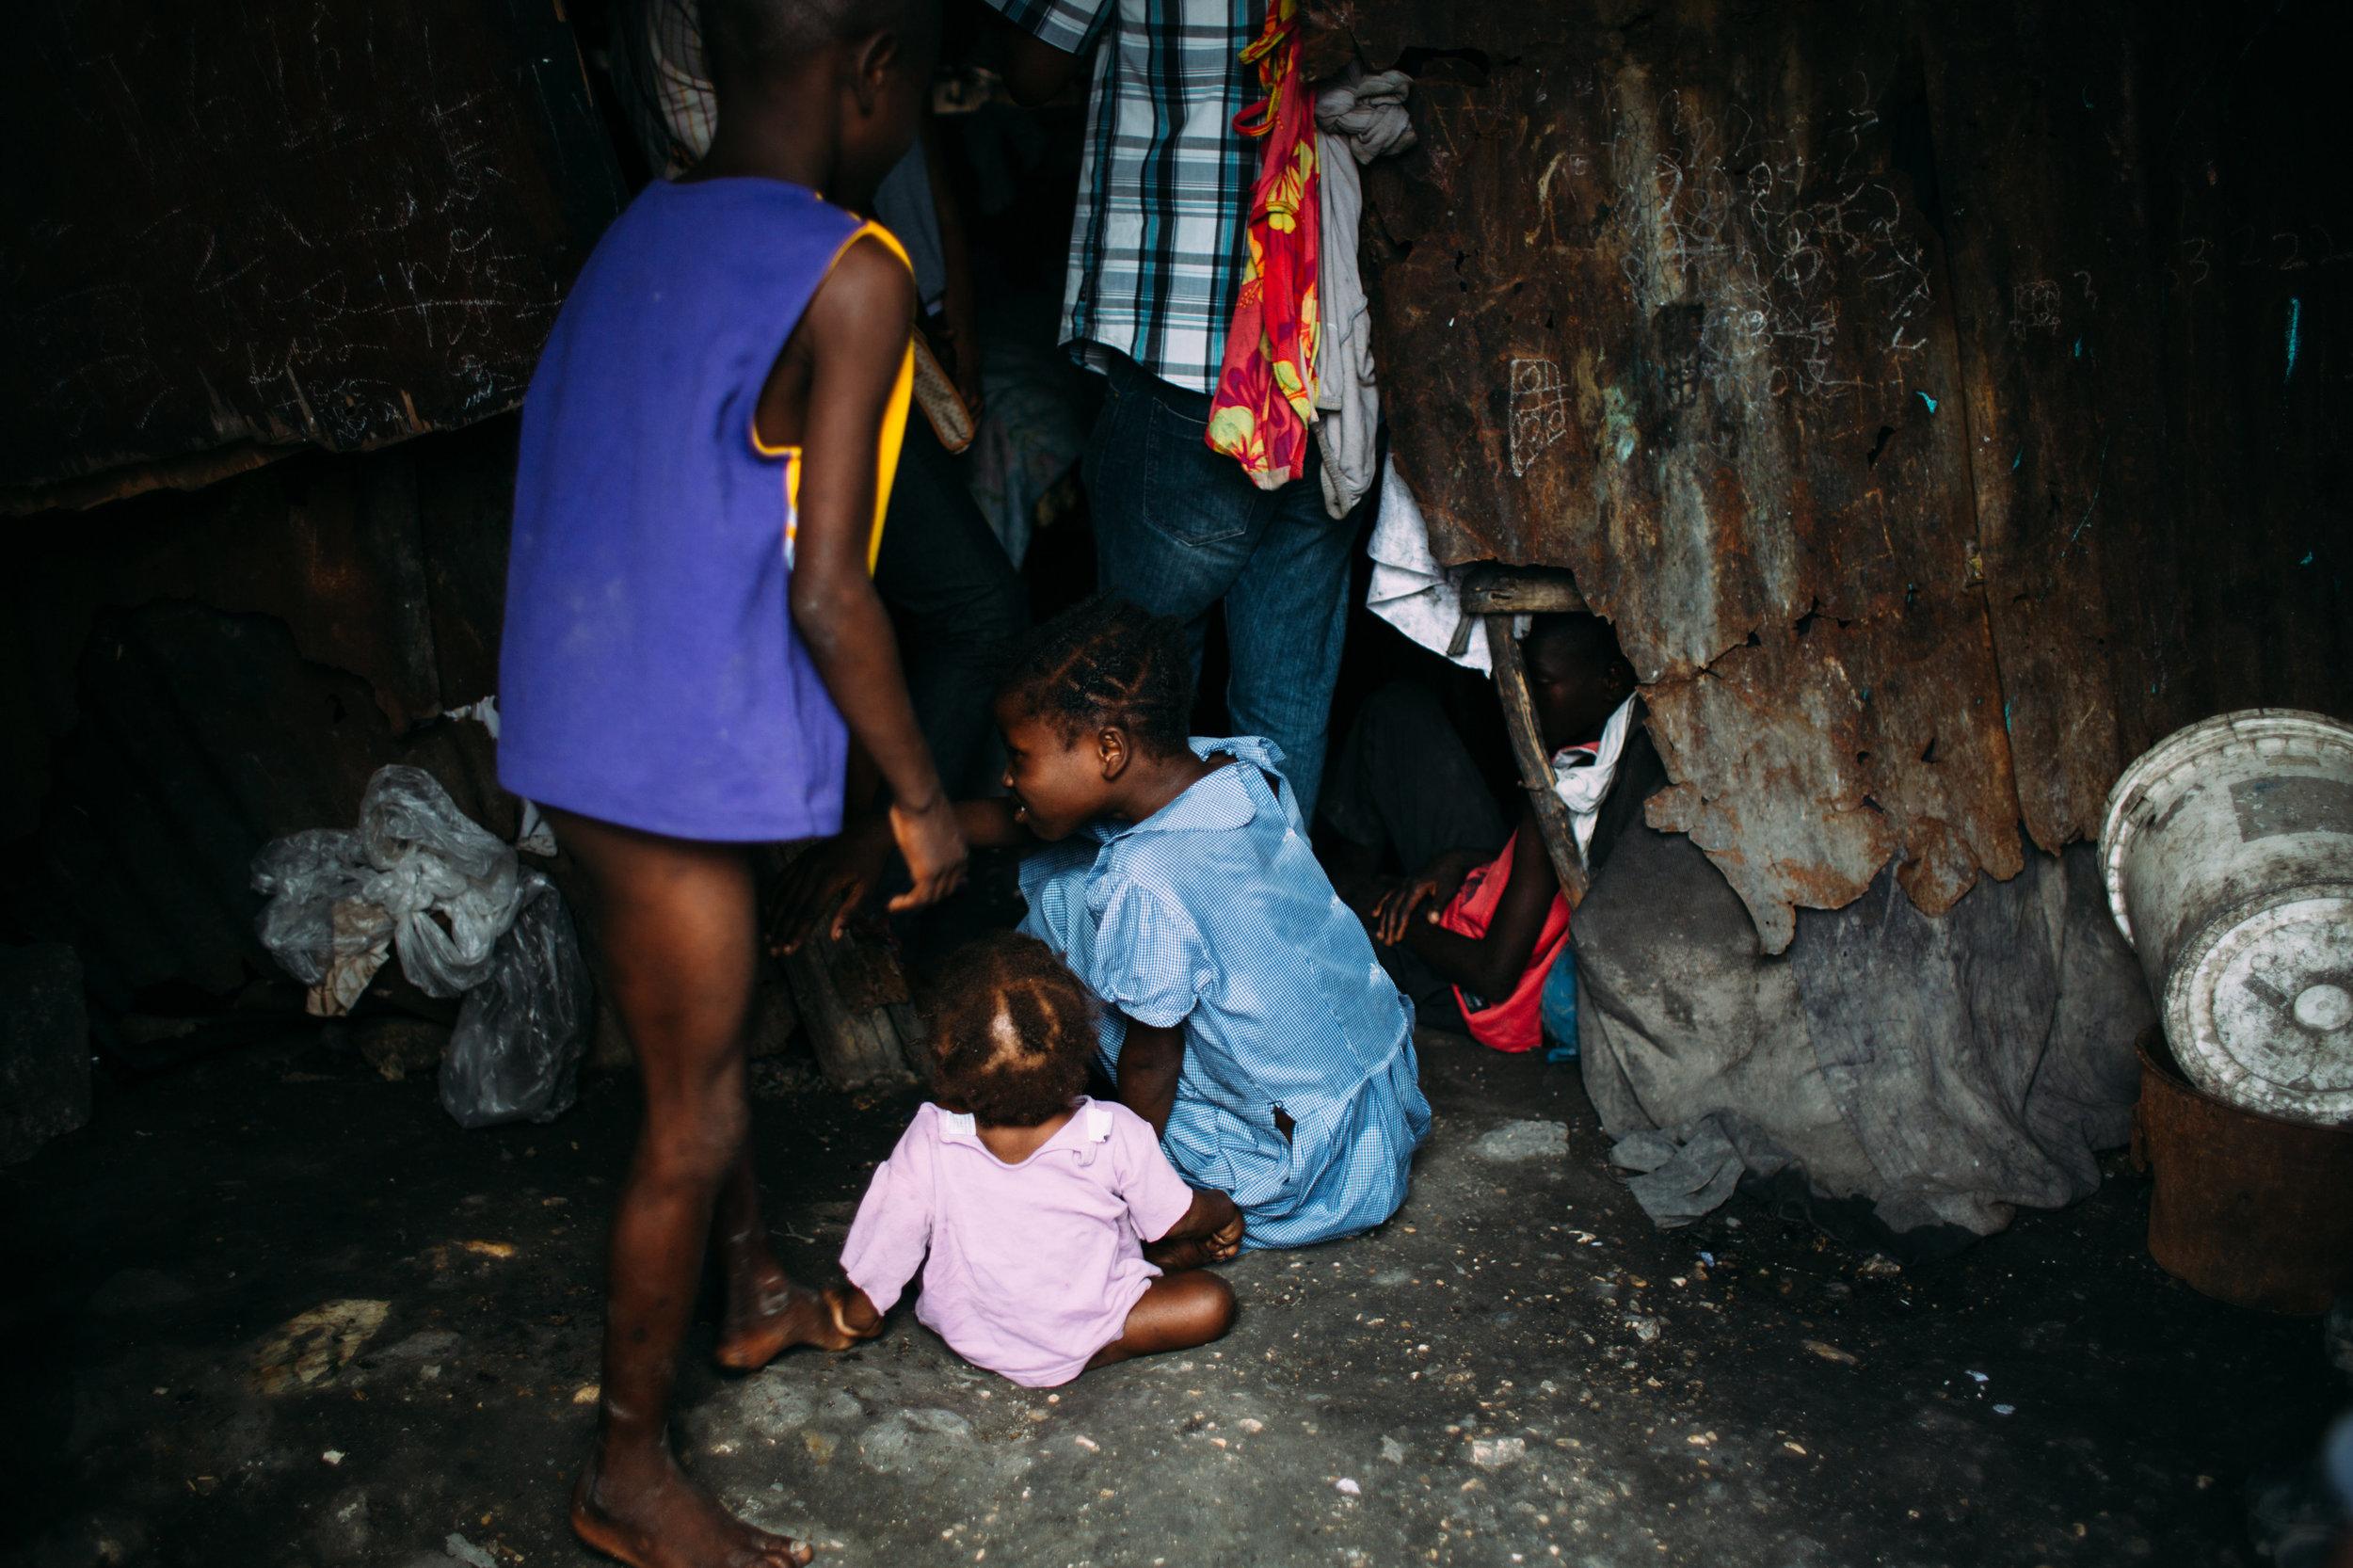 Haiti 2016-Cite Soliel 1-0127.jpg